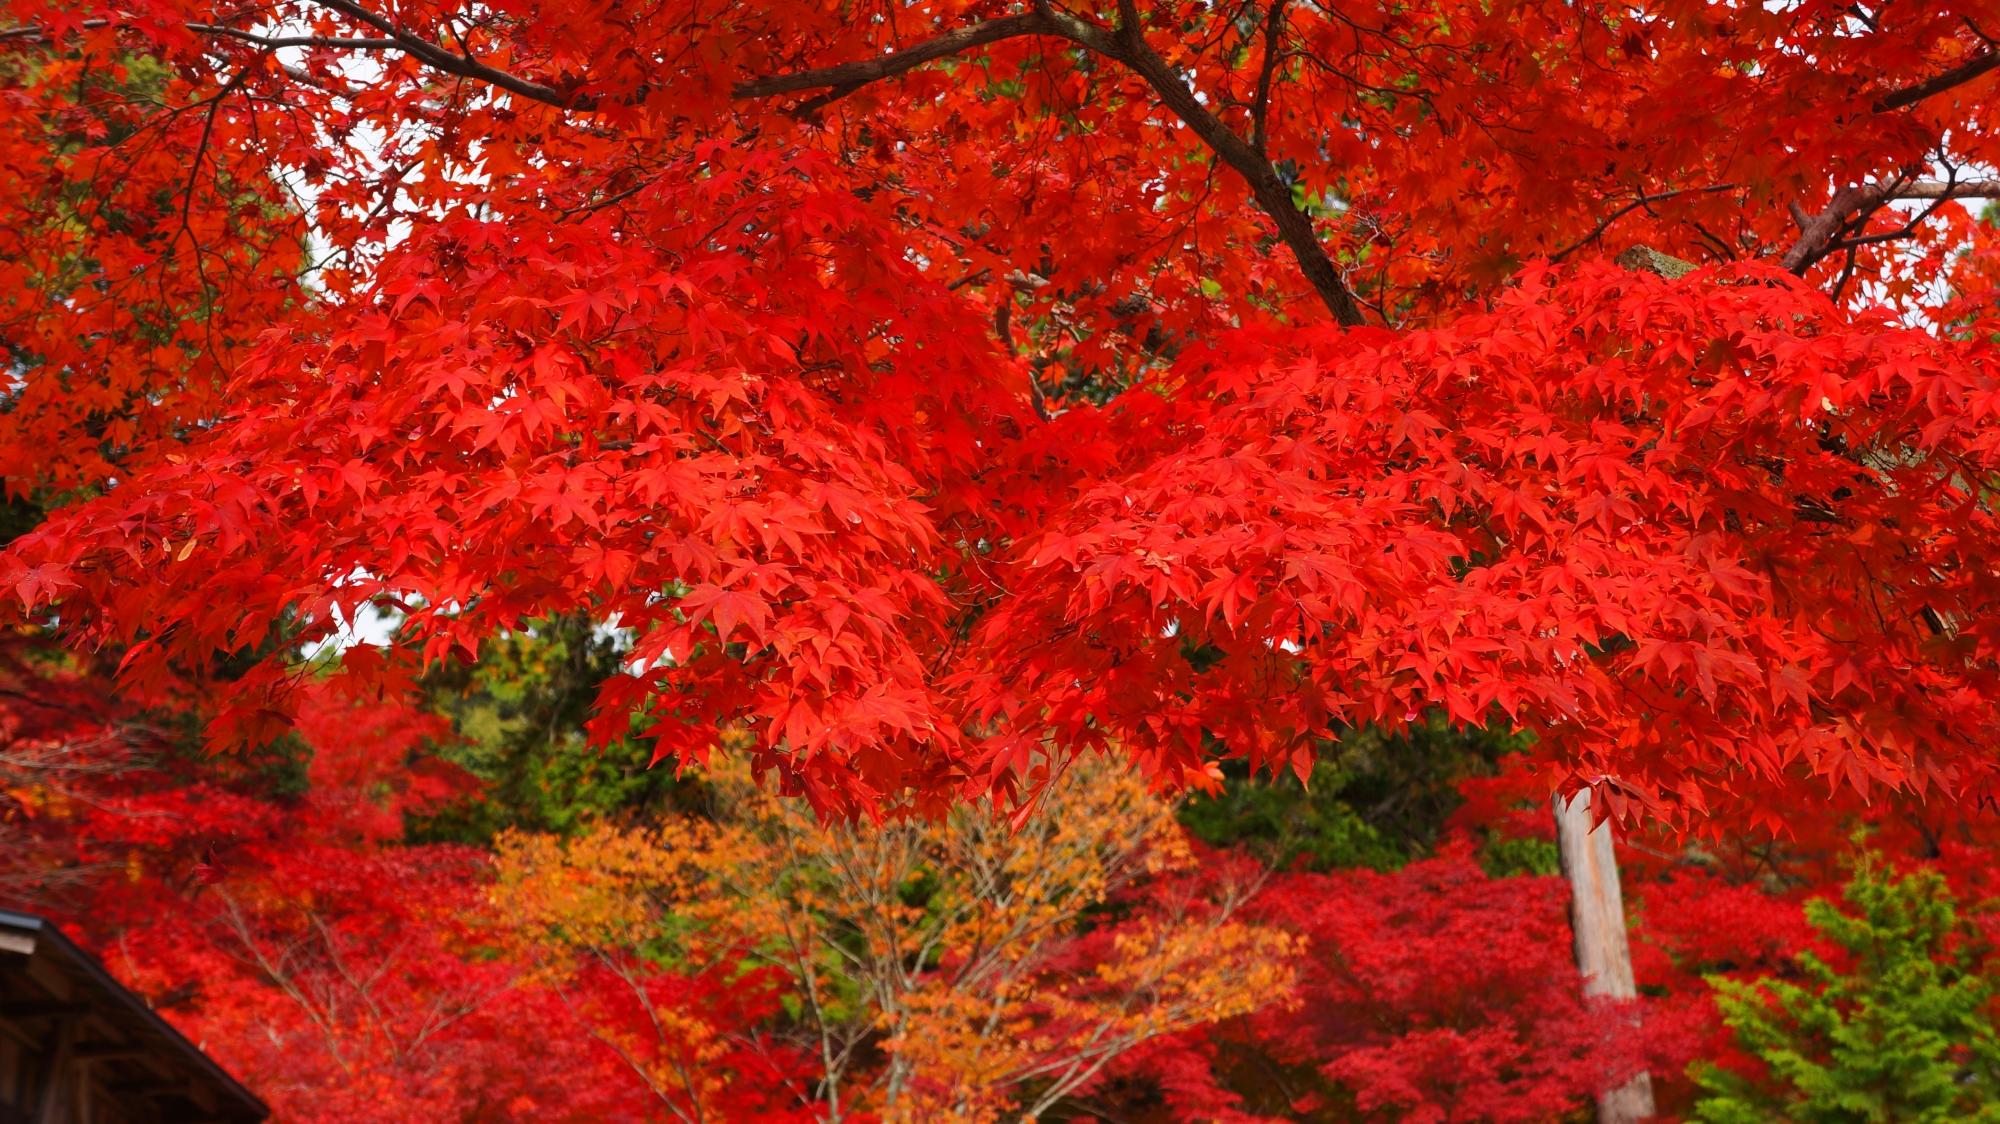 大原野神社のこれ以上ないくらいの超見ごろの紅葉